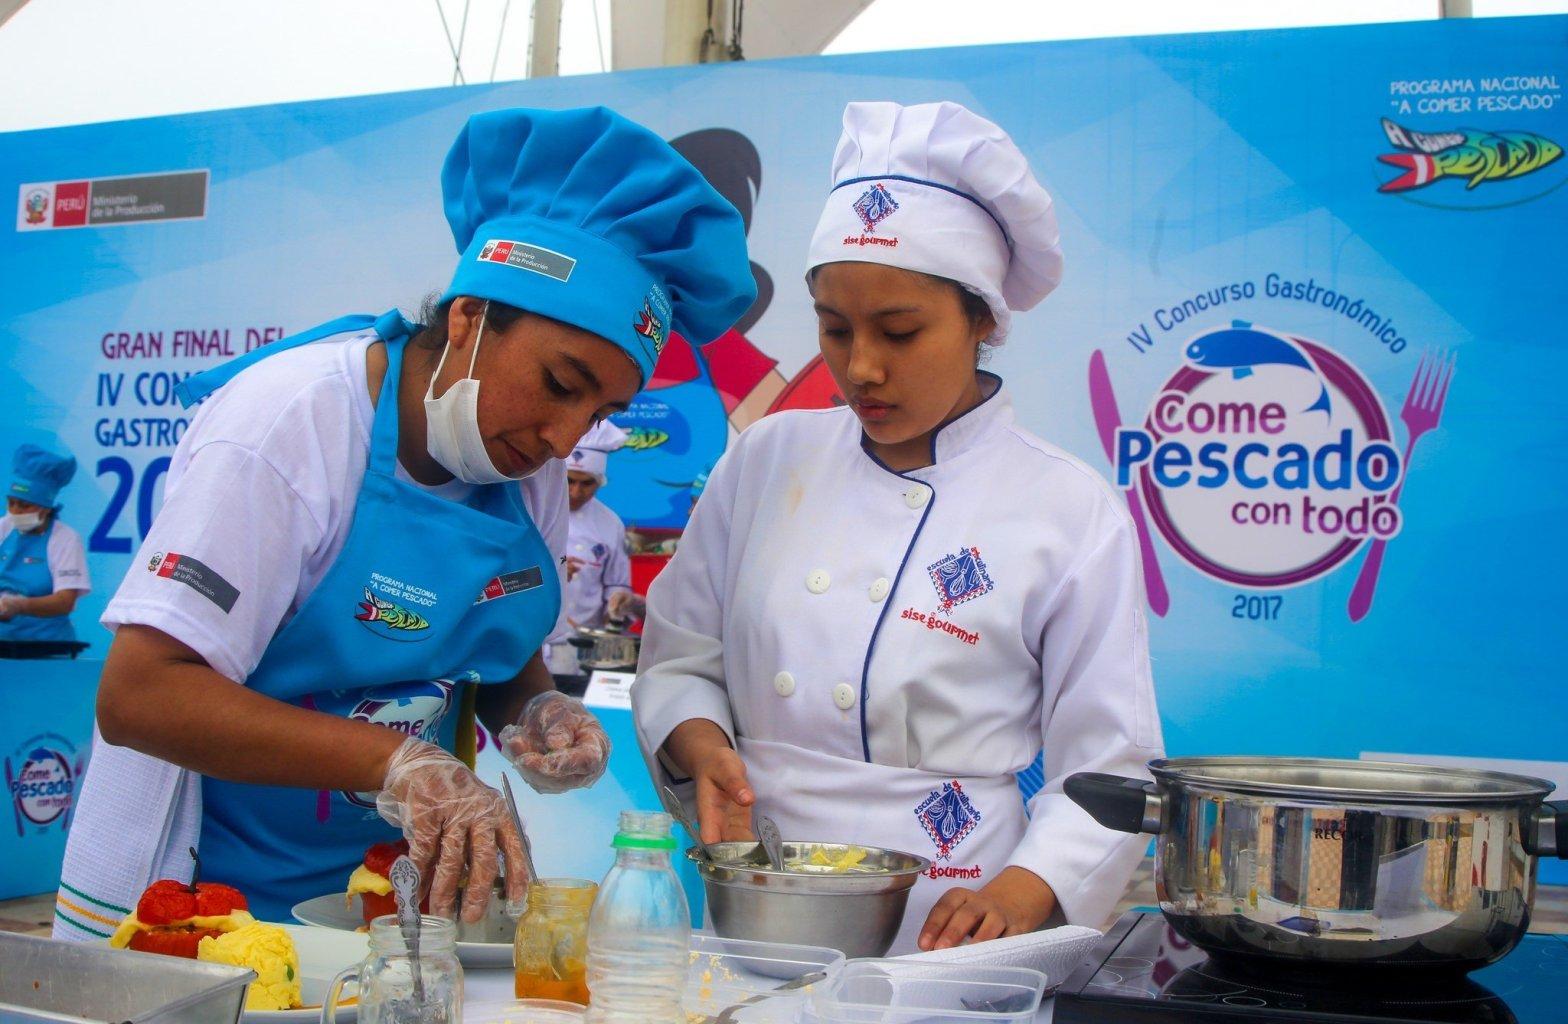 Buscan al mejor cocinero de pescado y pota del Perú